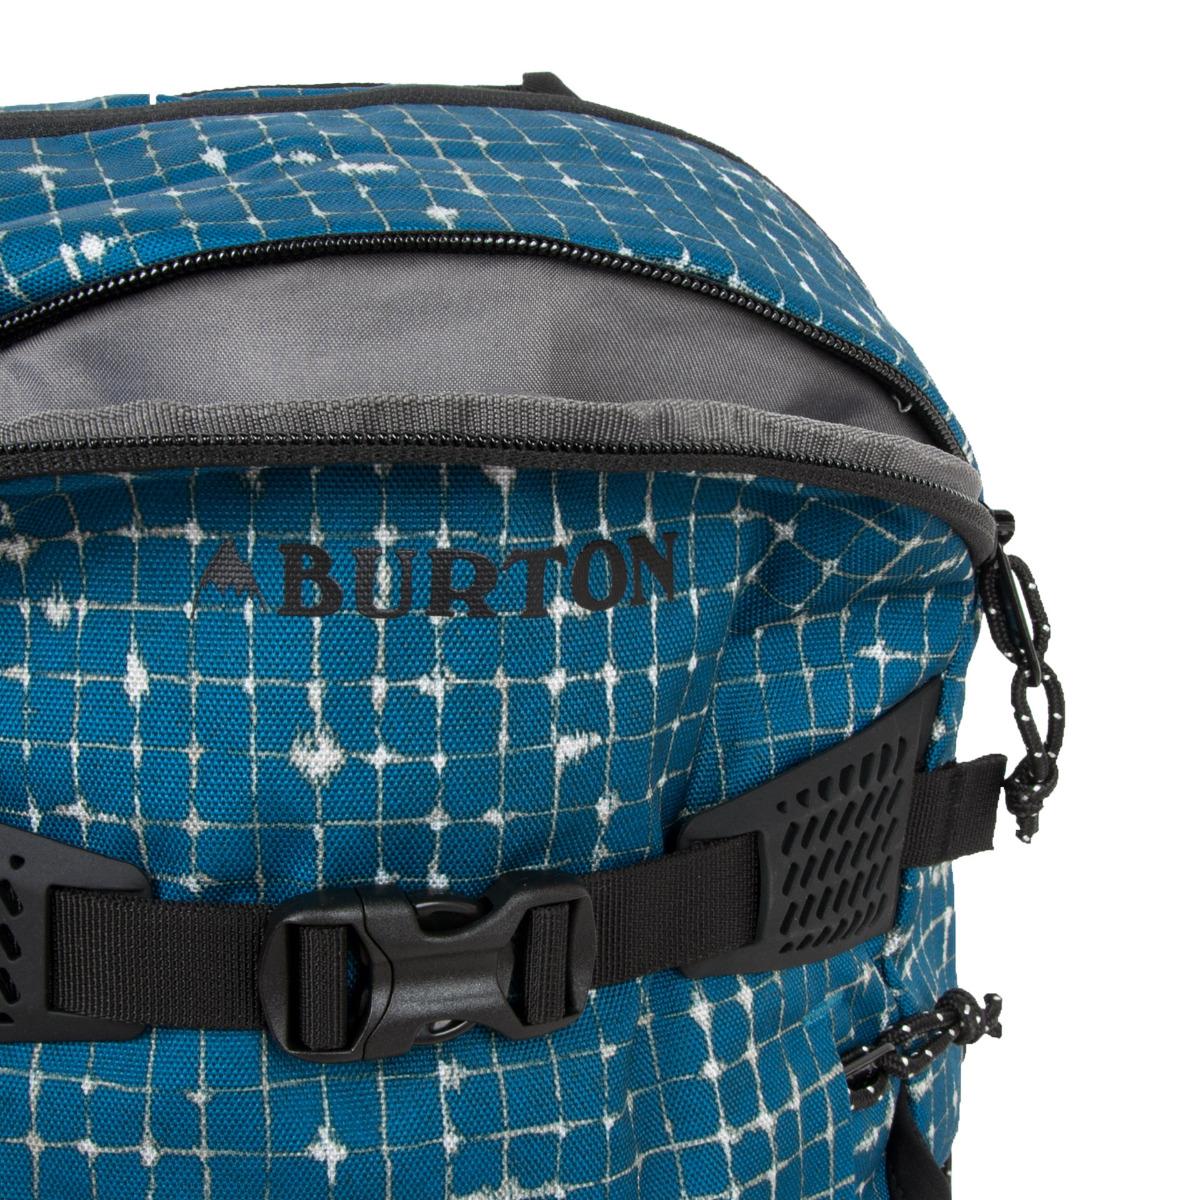 Burton Day Hiker 25 l Blue Sapphire Ripstop.    bohato polstrovaný zadný panel s výstuhou a odvetrávacím kanálikom    ergonomicky tvarované a dĺžkovo nastaviteľné ramenné popruhy    bedrový popruh pre lepšie rozloženie váhy neseného nákladu    hrudný popruh so zapínaním na pracku    polstrované vrecko na notebook je zároveň priehradkou na hydrovak    priehradka na tablet s rozmermi 26,5 x 20 cm    kvalitné zipsy pre ľahký prístup    vrecko na okuliare s fleecovou výstelkou na prednom paneli    integrovaný organizér s vreckom na zips a karabínou na kľúče    postranné vrecká na fľašu    textilné pútko na pohodlné prenesenie v ruke    predné vrecko na zips    možnosť vertikálneho pripnutia skateboardu vďaka dvom popruhom